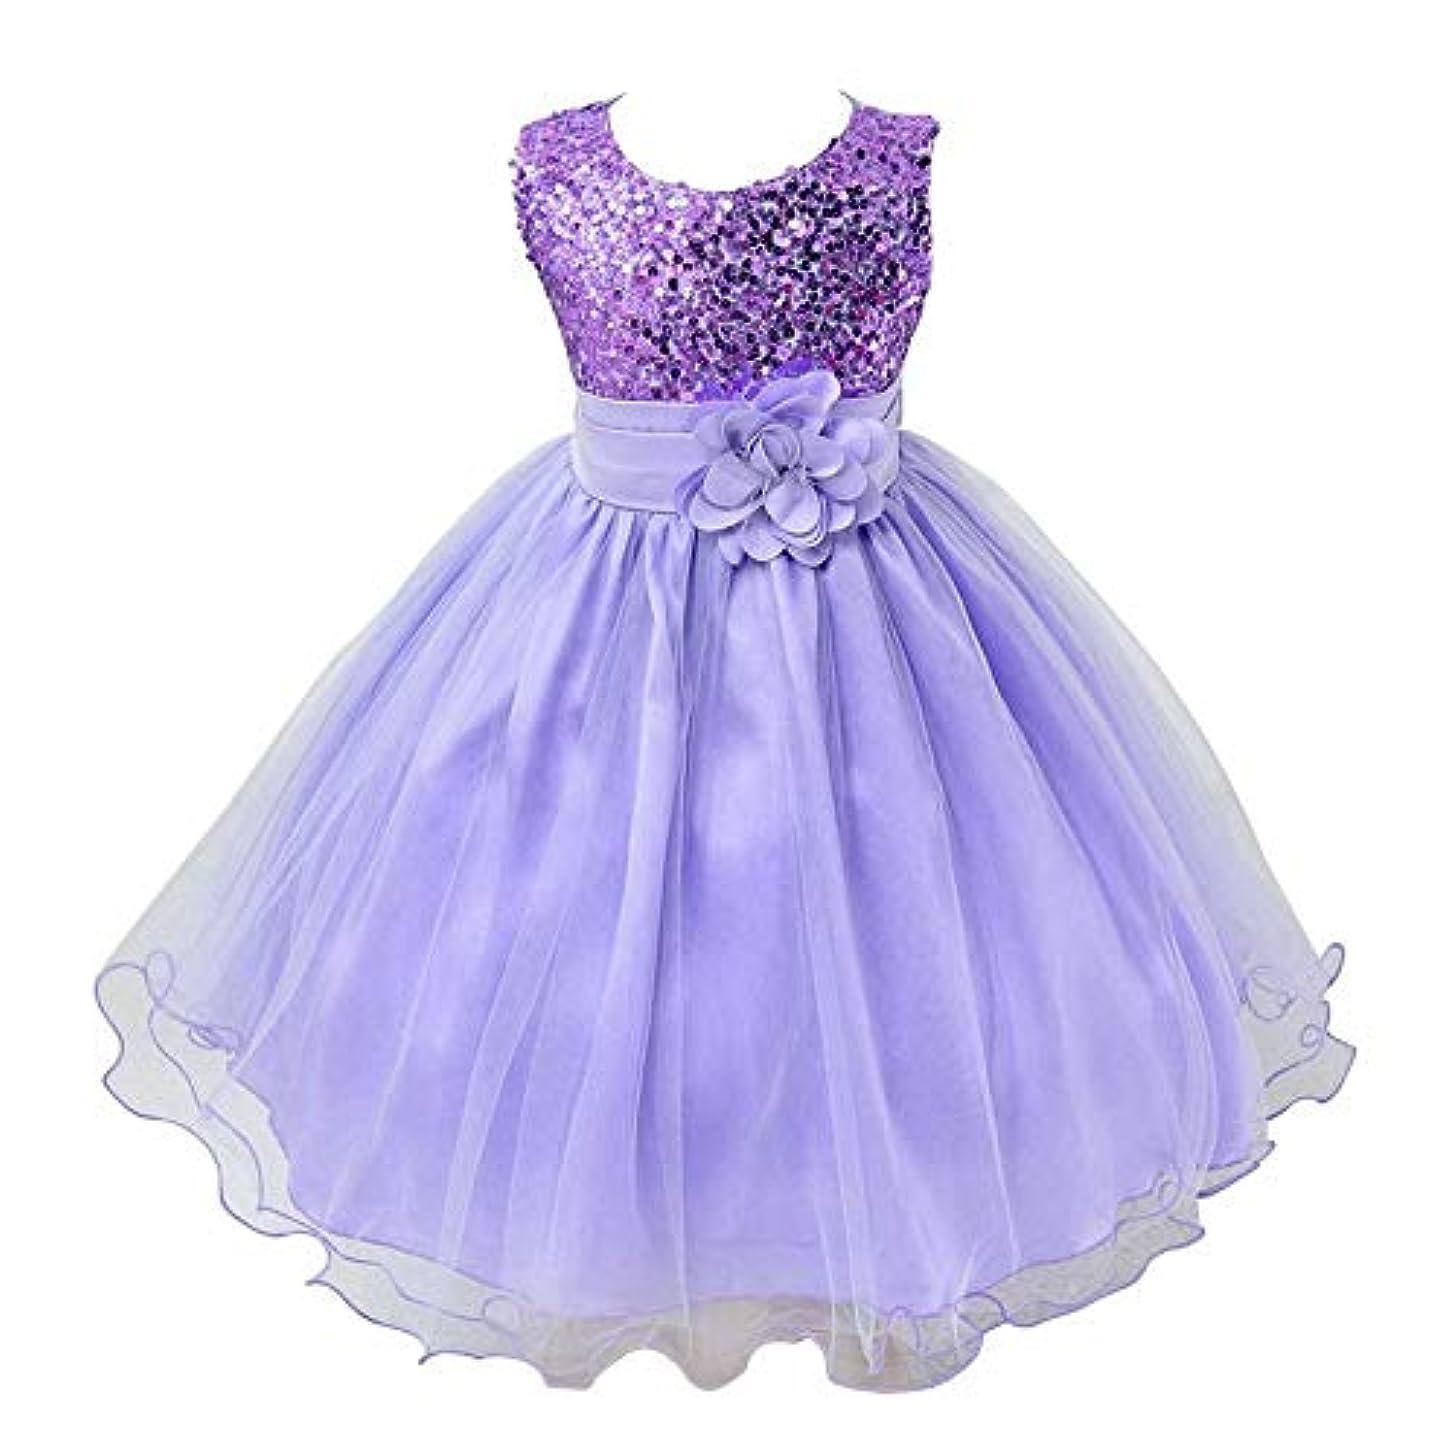 多年生関係ない大砲女の子プリンセスドレスハロウィン子供服夏フラワーガールドレスシンデレラ衣装ショードレス-紫140 cm